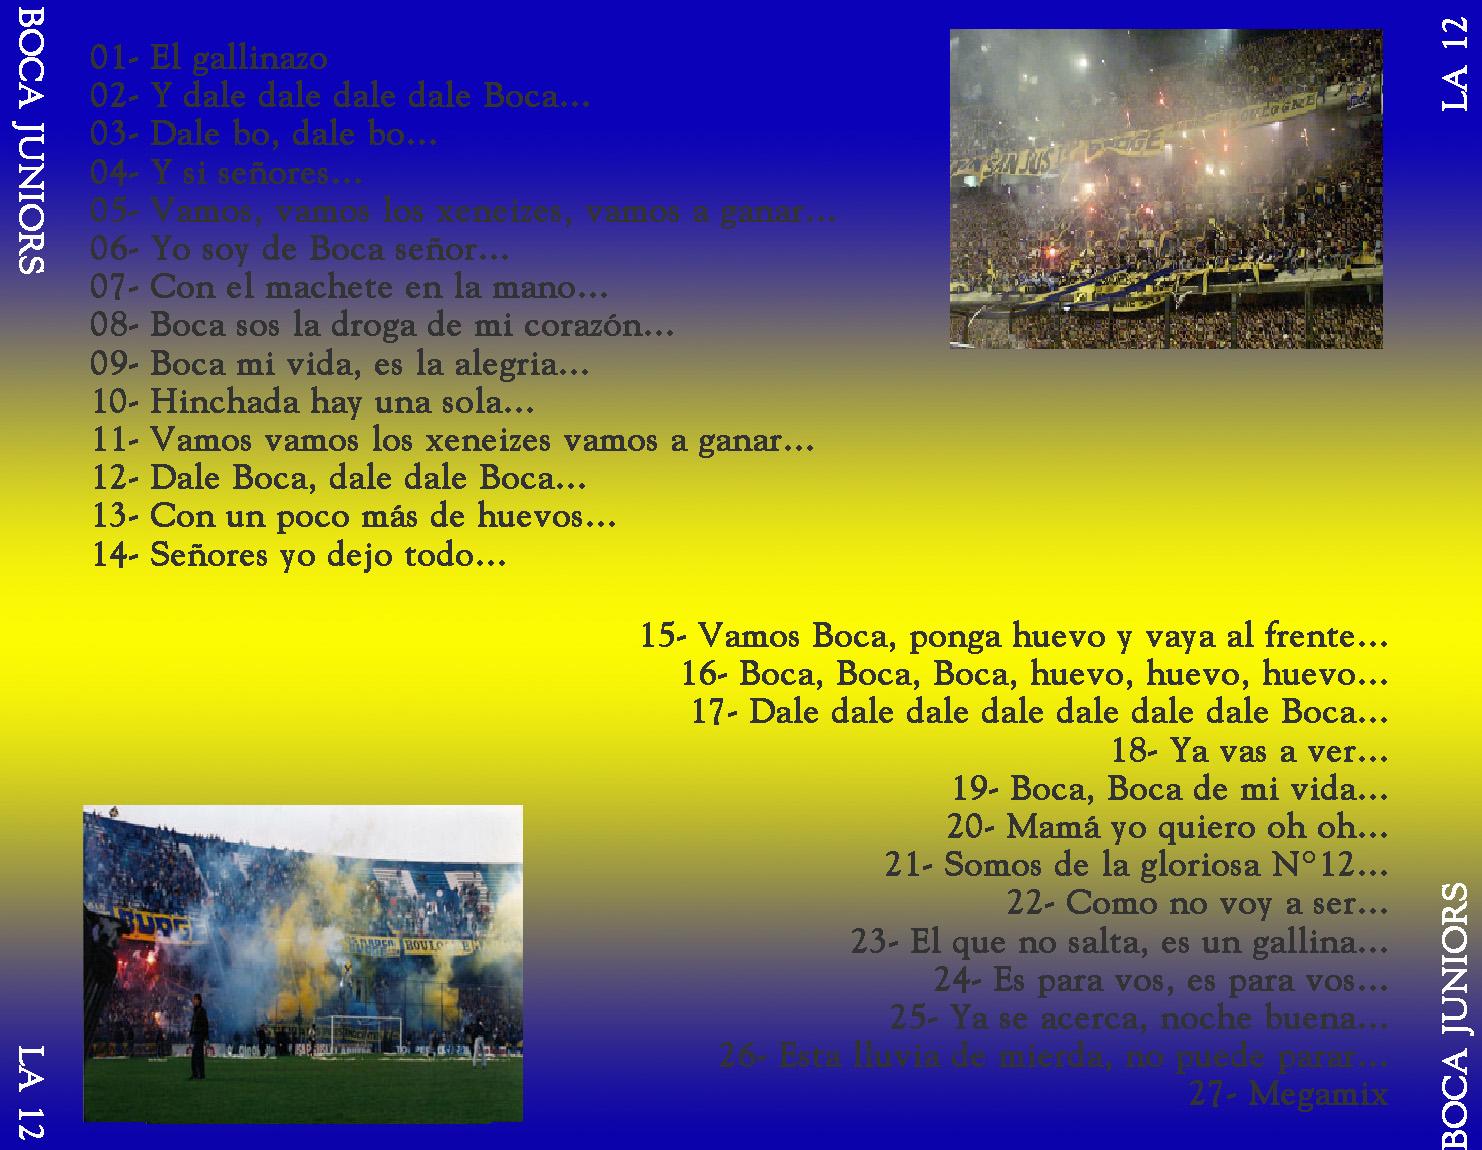 Fondos de fútbol, Imágenes: Fútbol - todofondos.com